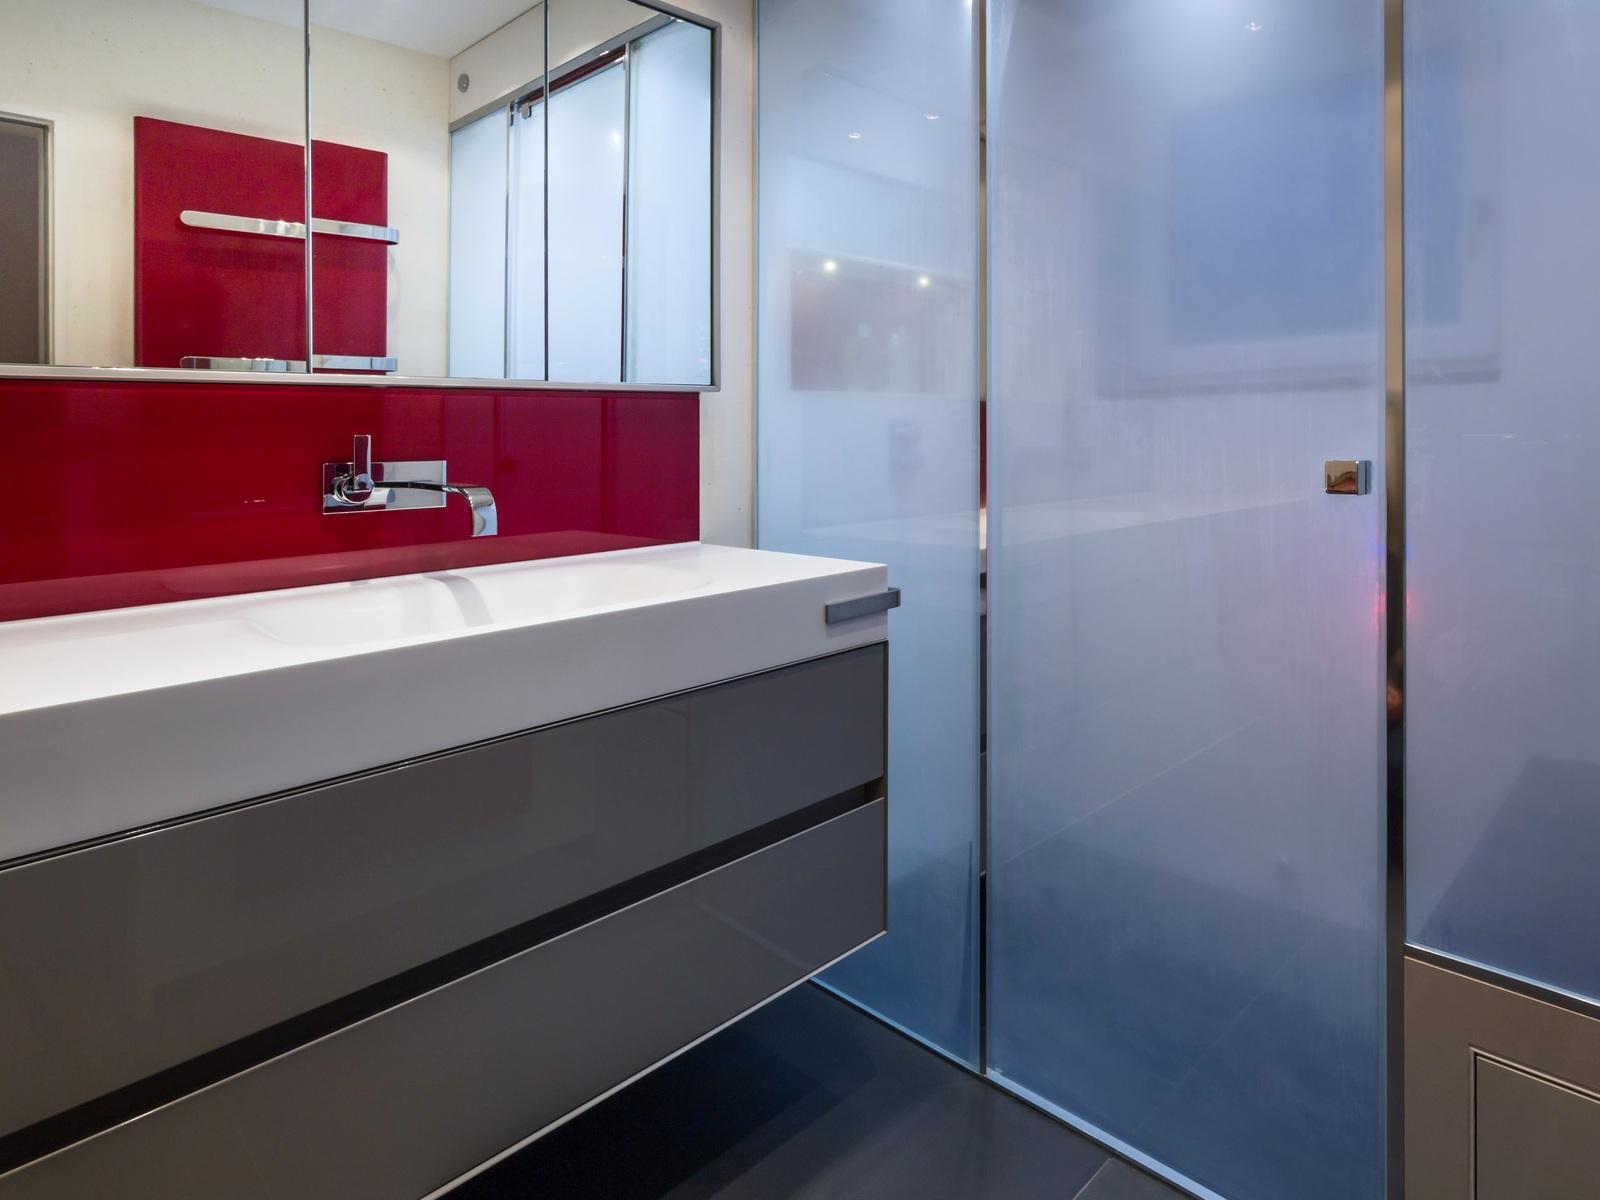 wer diesen k rperteil beim duschen vergisst dem droht ekel alarm gesundheit. Black Bedroom Furniture Sets. Home Design Ideas